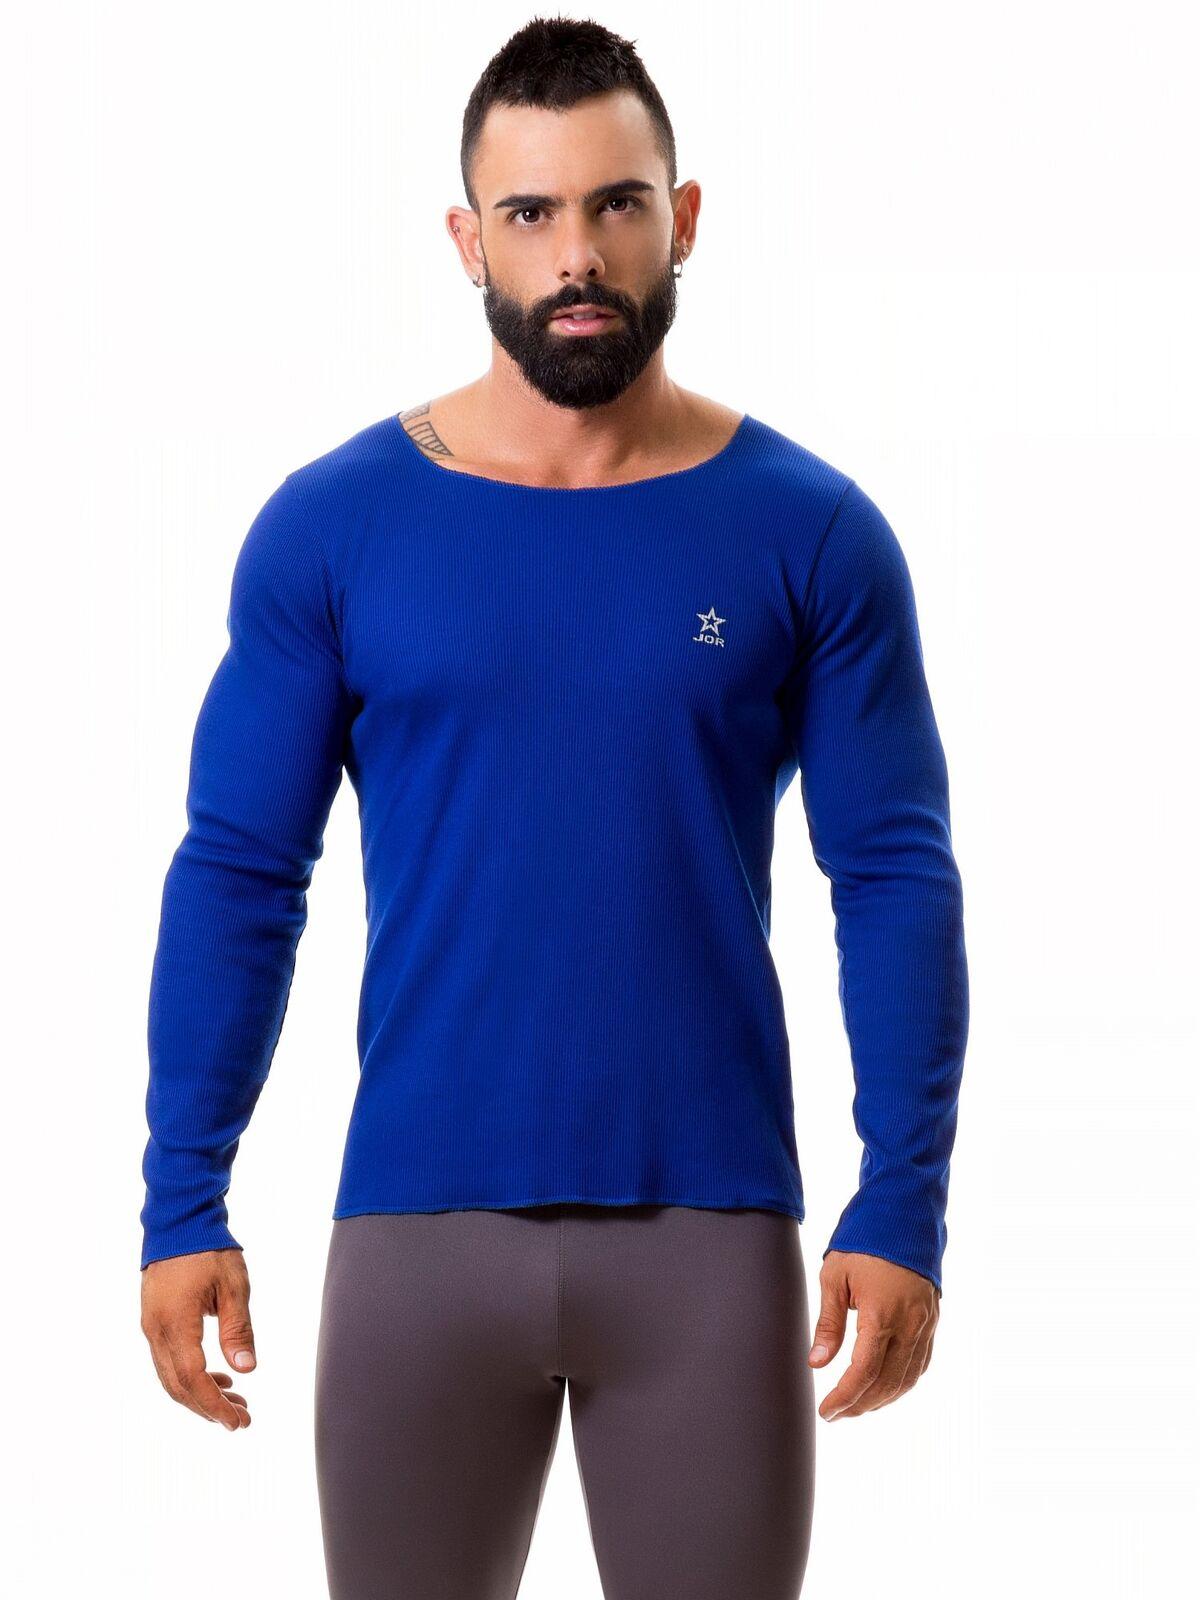 JOR 0368 Quebec Rippshirt SHIRT LANGARM LANGARM LANGARM Fitness Gym Longsleeve     | Ausgezeichnete Qualität  52aa4d